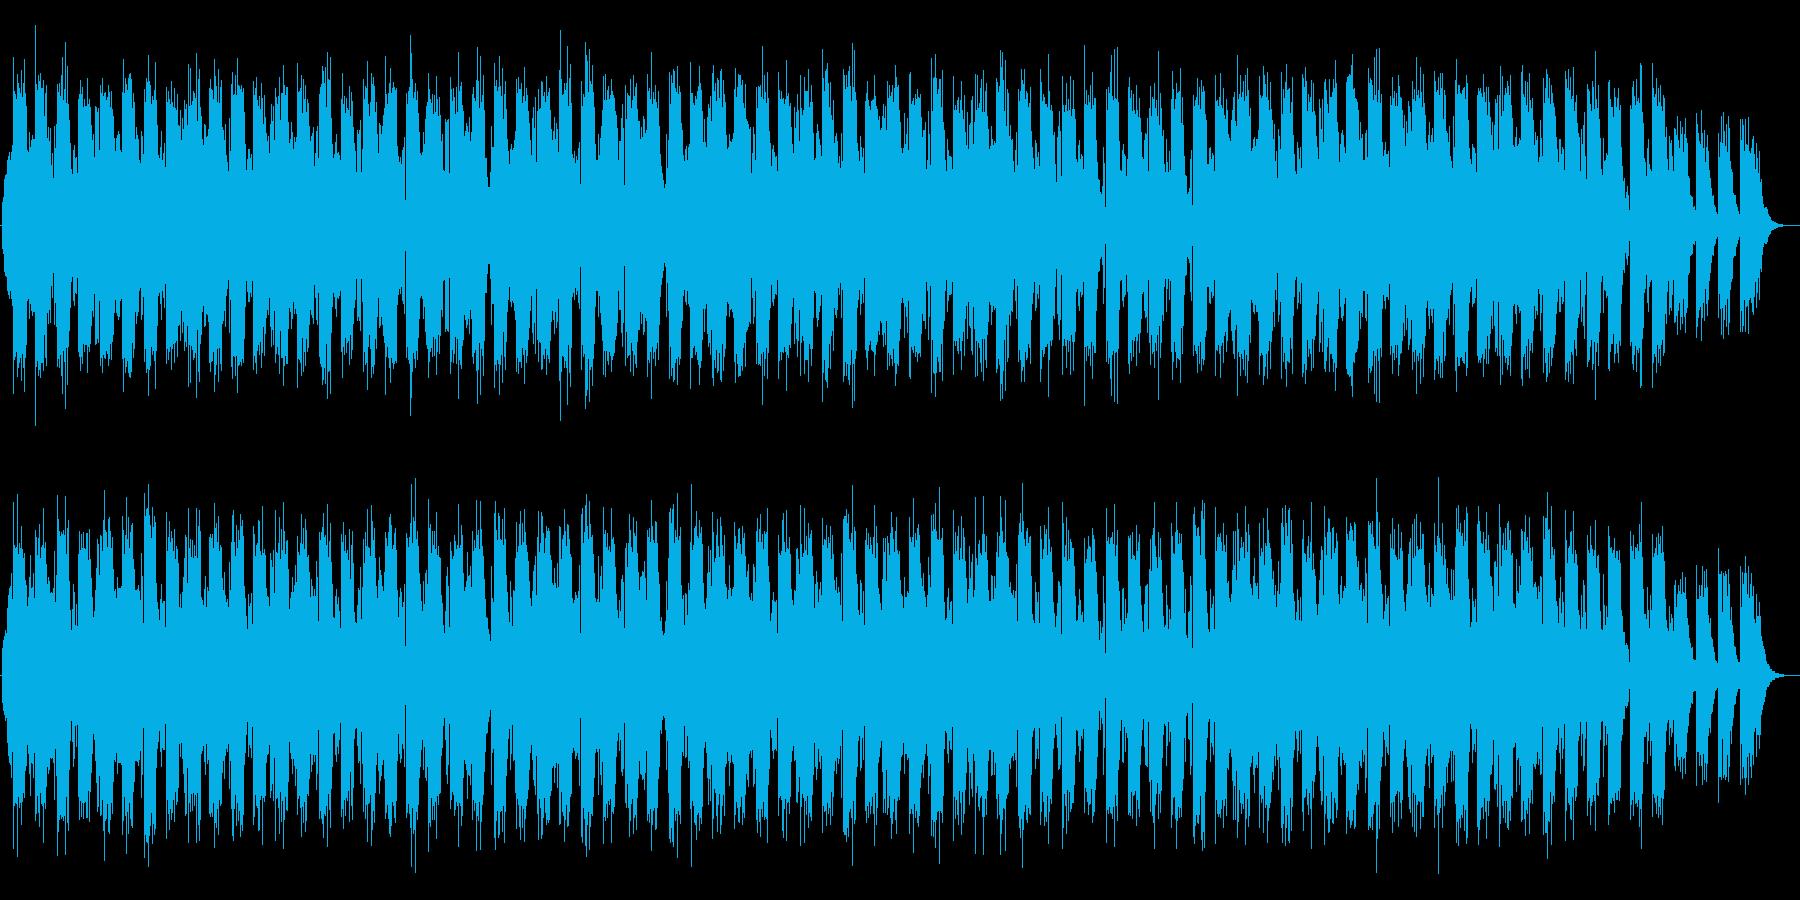 ゆったりとした二胡のBGMの再生済みの波形